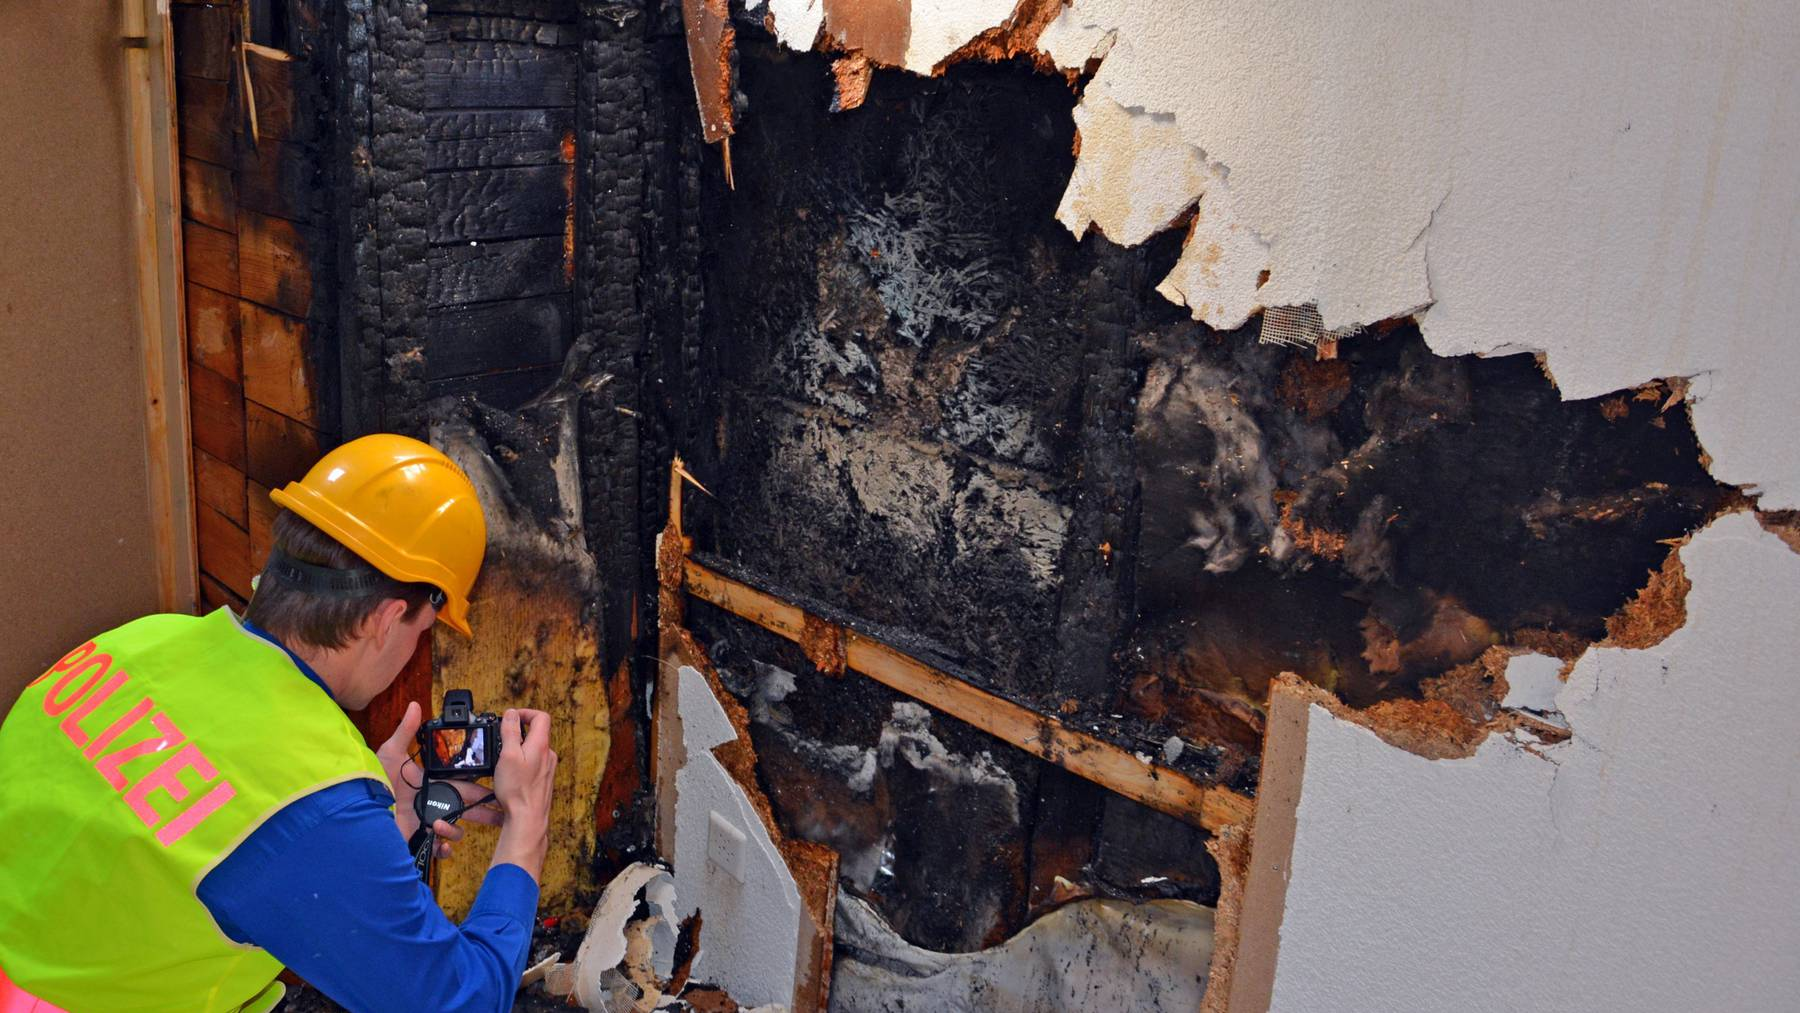 Der Brandermittlungsdienst hat die Arbeit am Brandobjekt bereits aufgenommen.